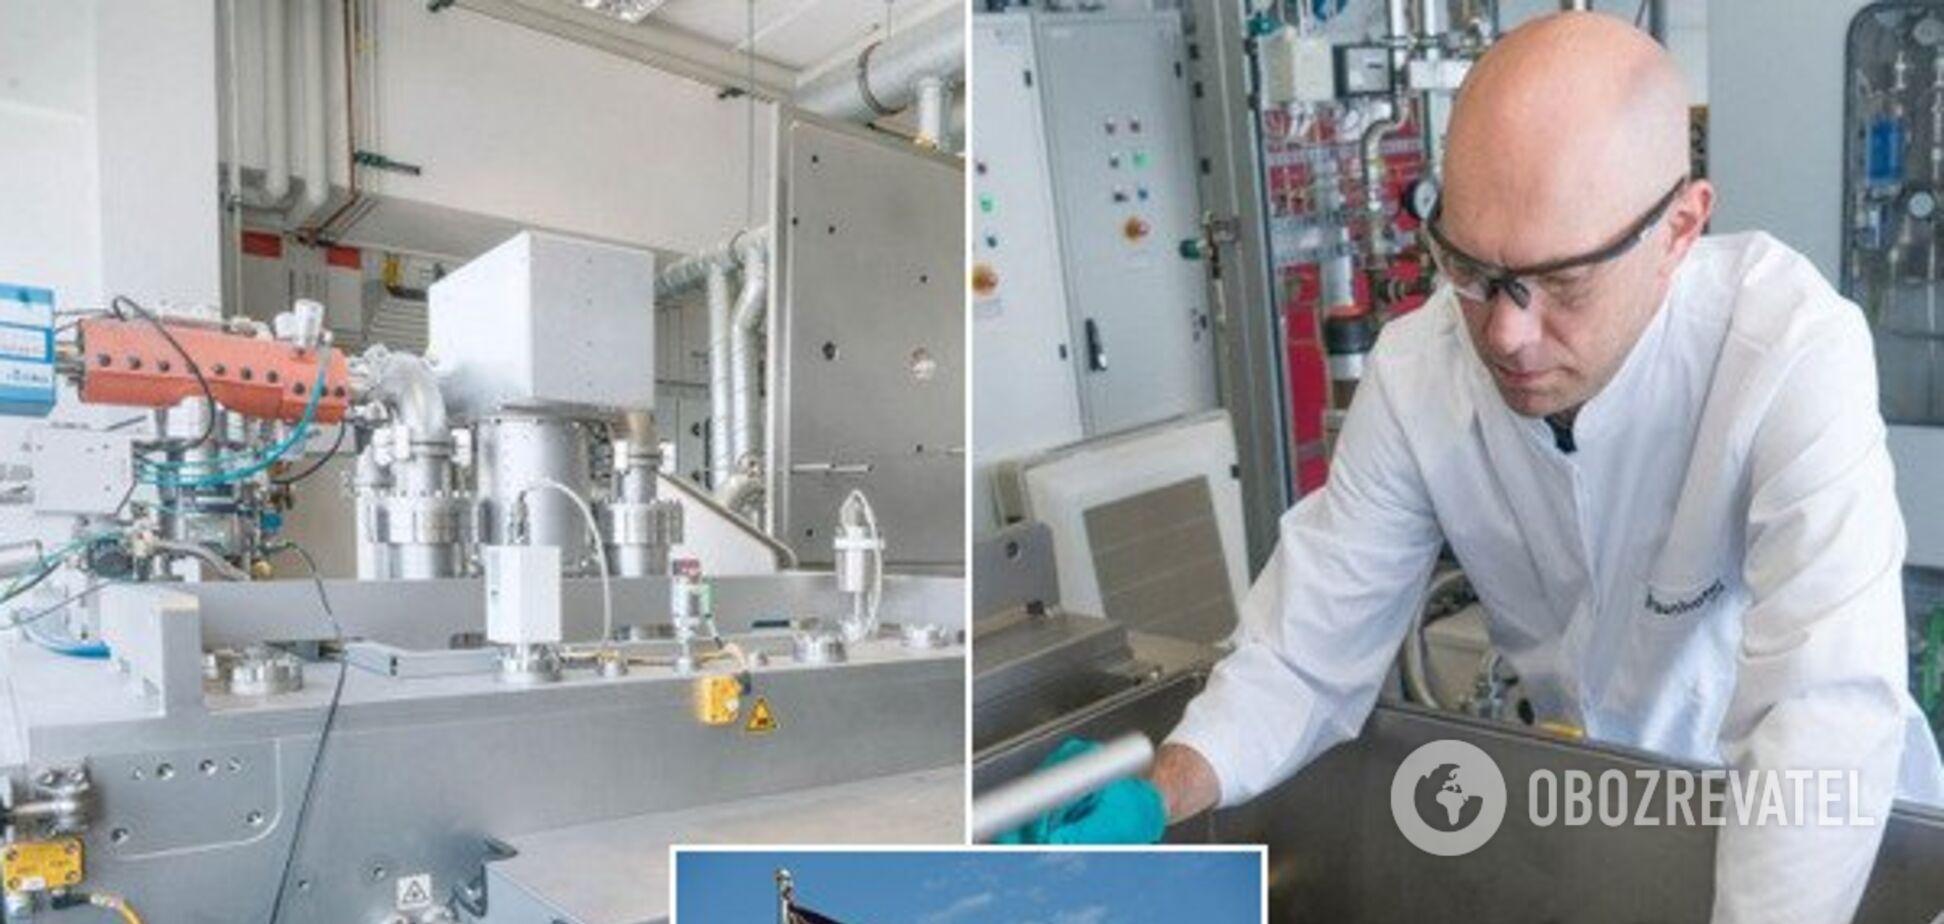 Замість бетону: вчені створили інноваційні сонячні панелі